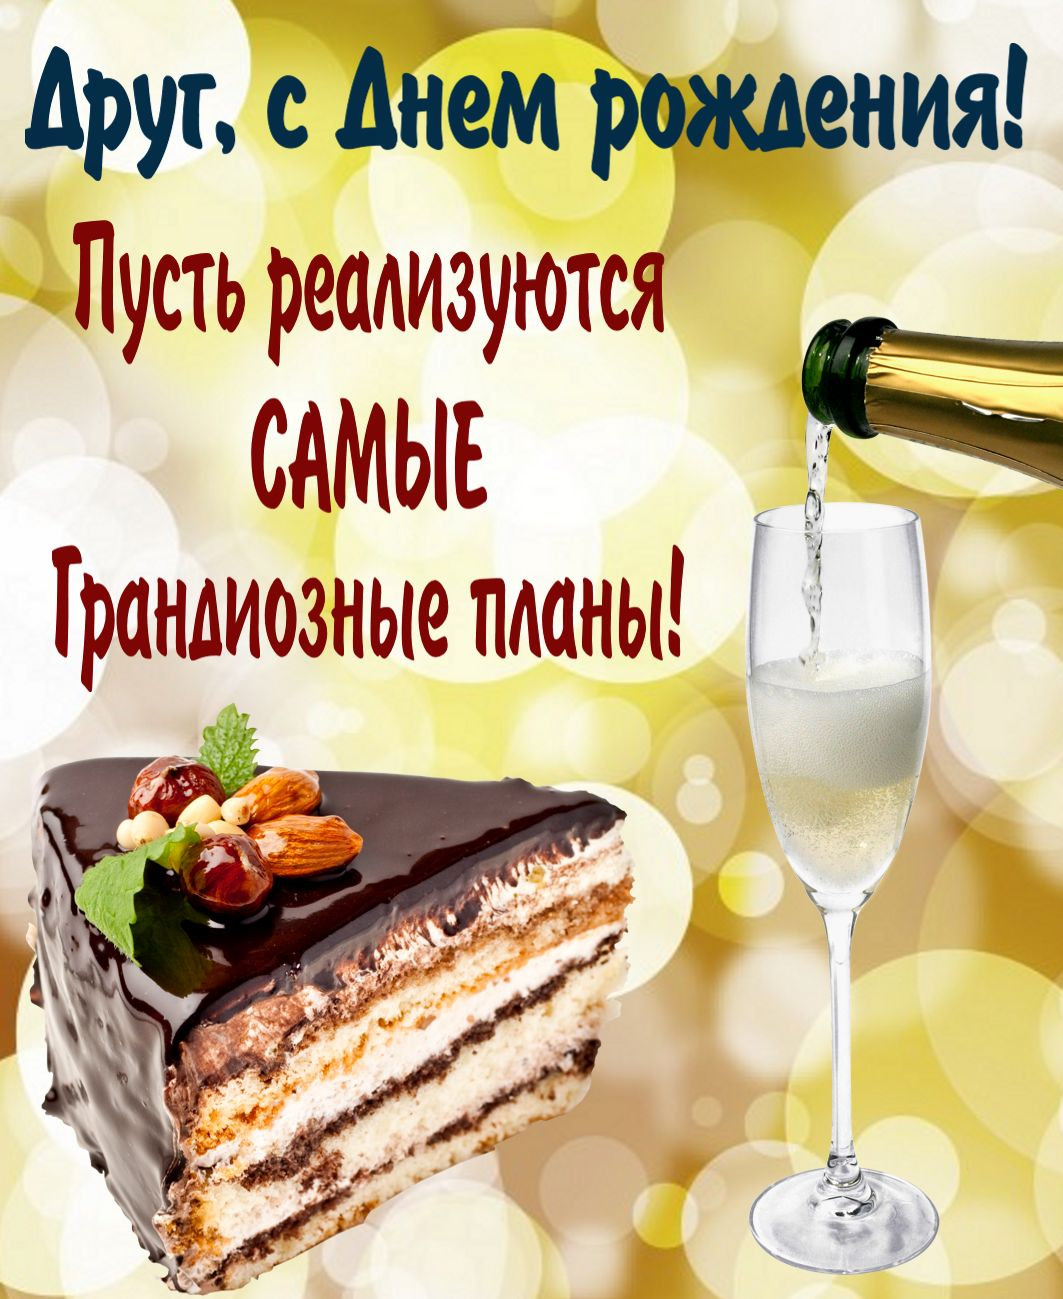 Открытка другу на День рождения - тортик и шампанское с пожеланием